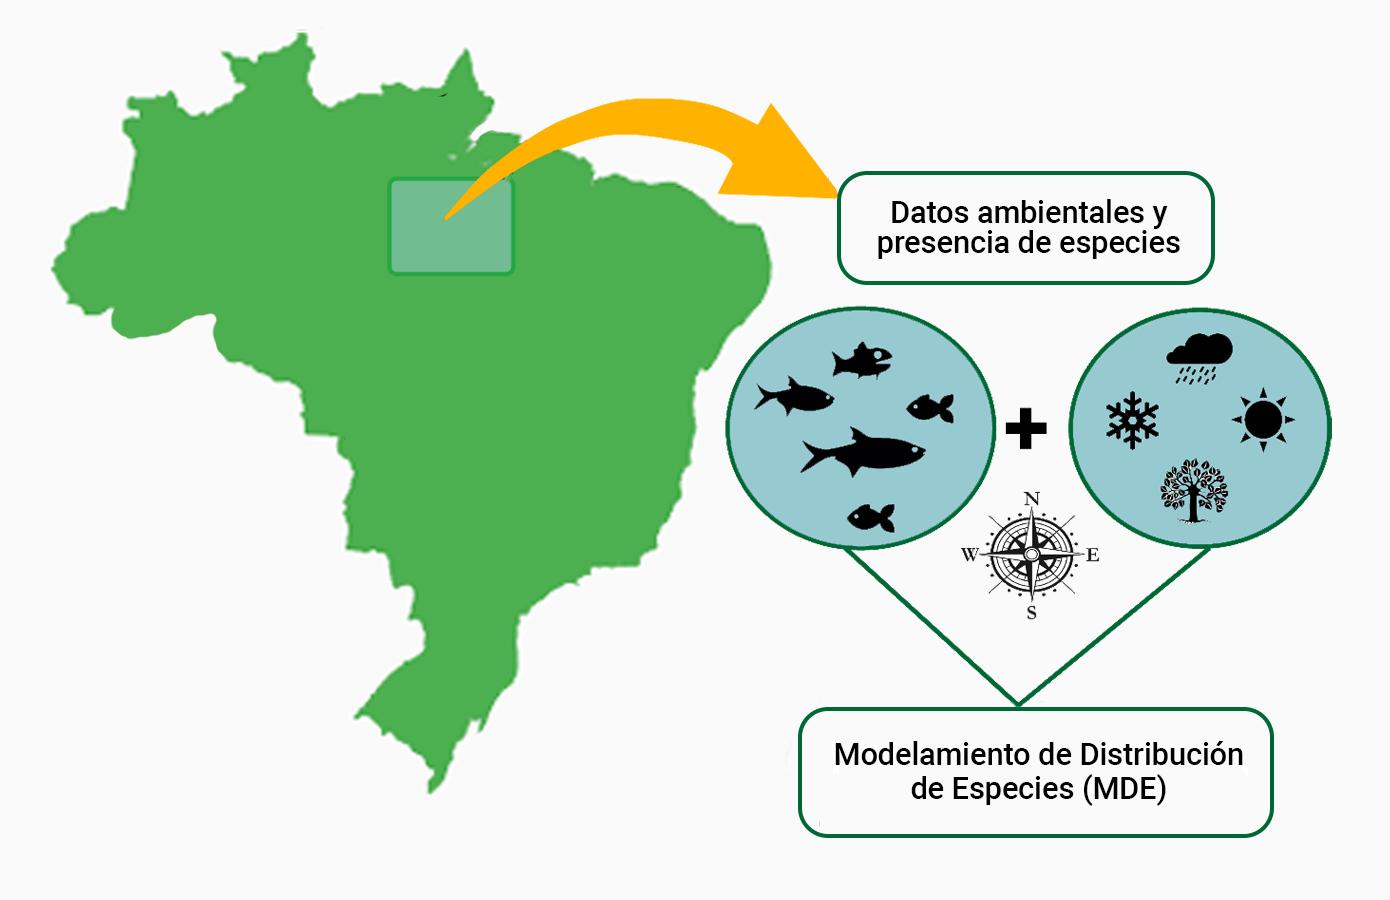 Registros de ocurrencia de especies y modelo de distribución (rótulos en español)